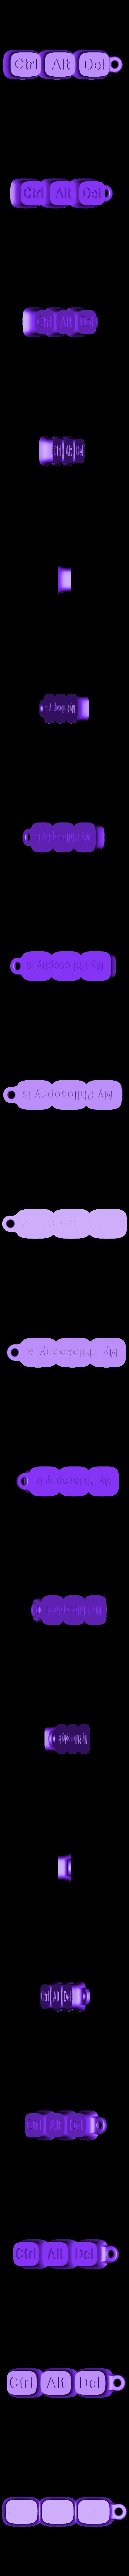 MyPhilosophyIs.stl Download STL file CtrlAltDel key chain • Object to 3D print, EliGreen